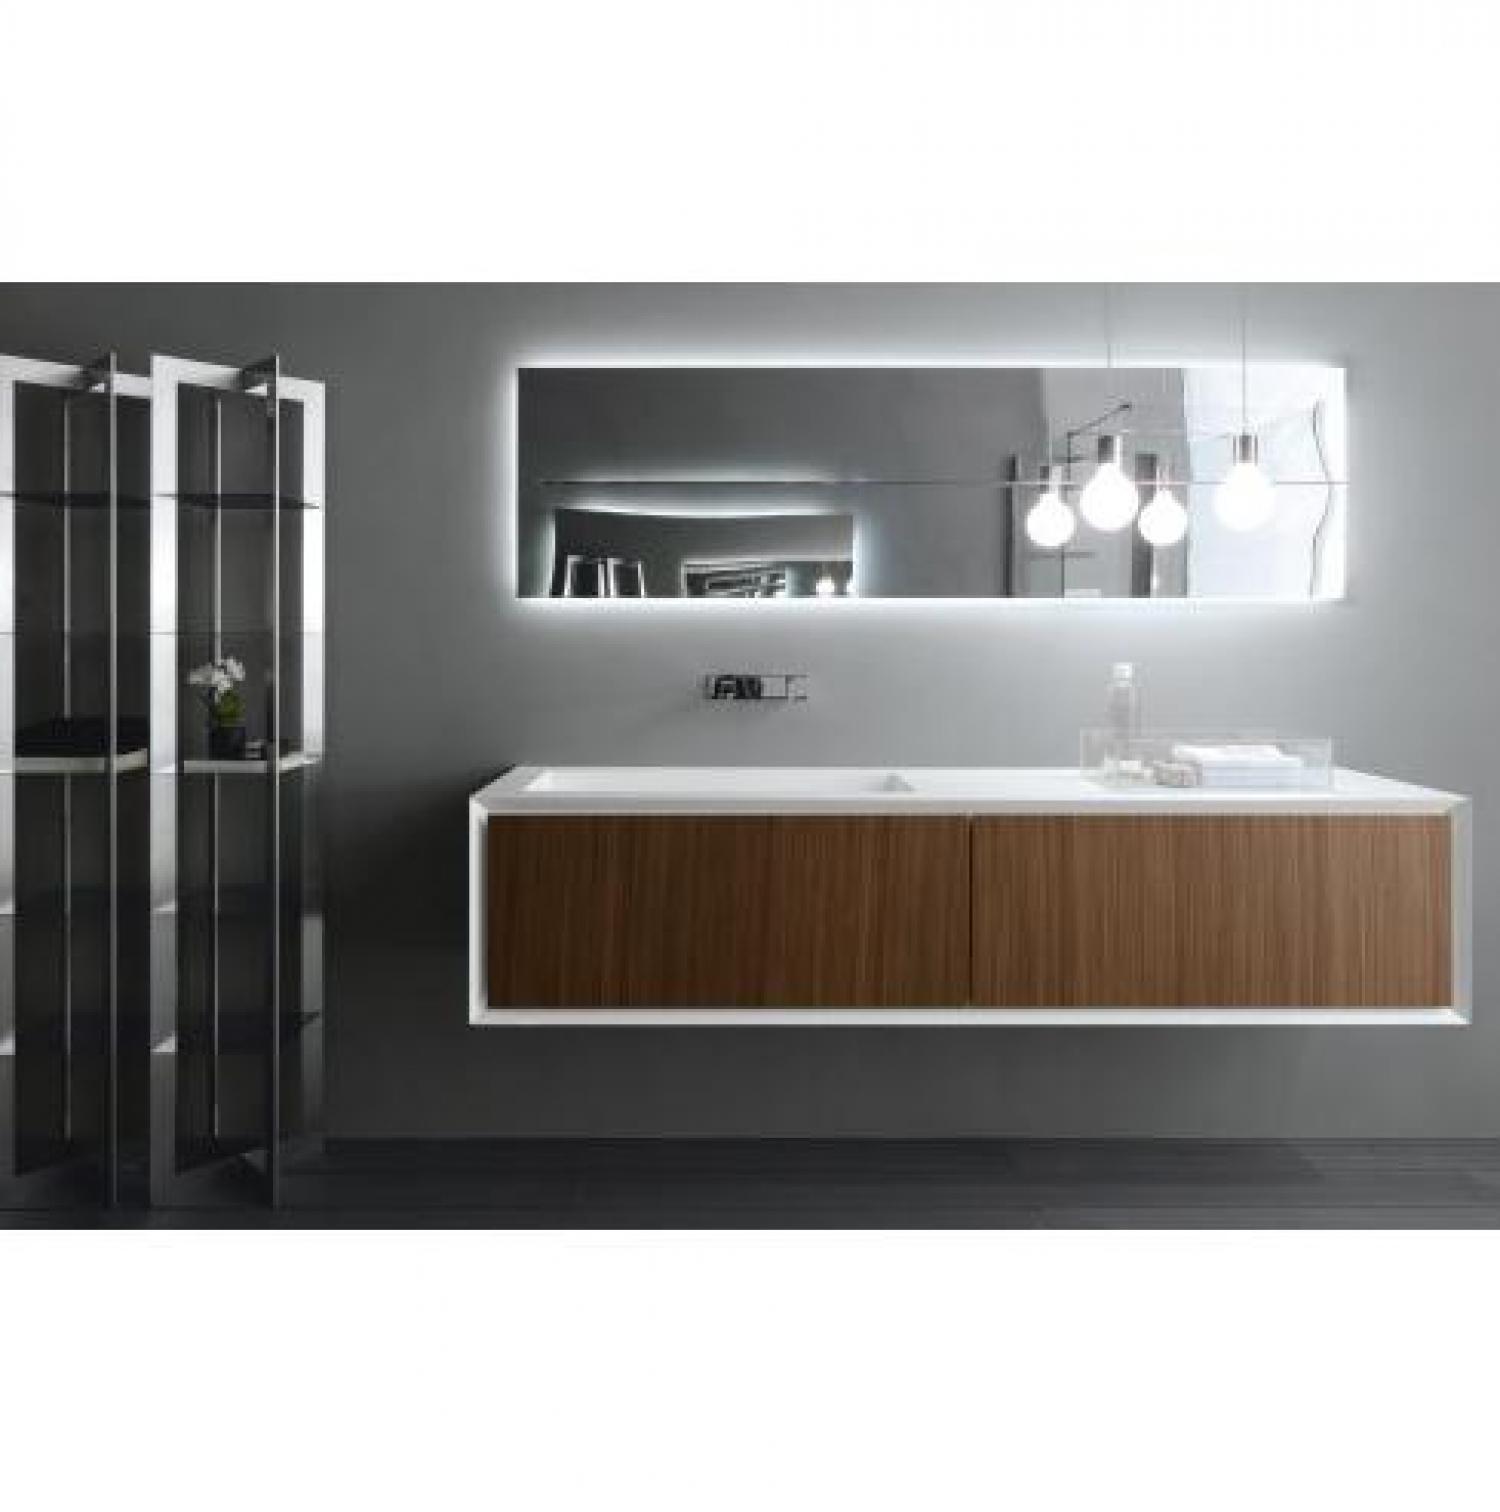 Meuble Salle De Bain K One Rifra Valente Design